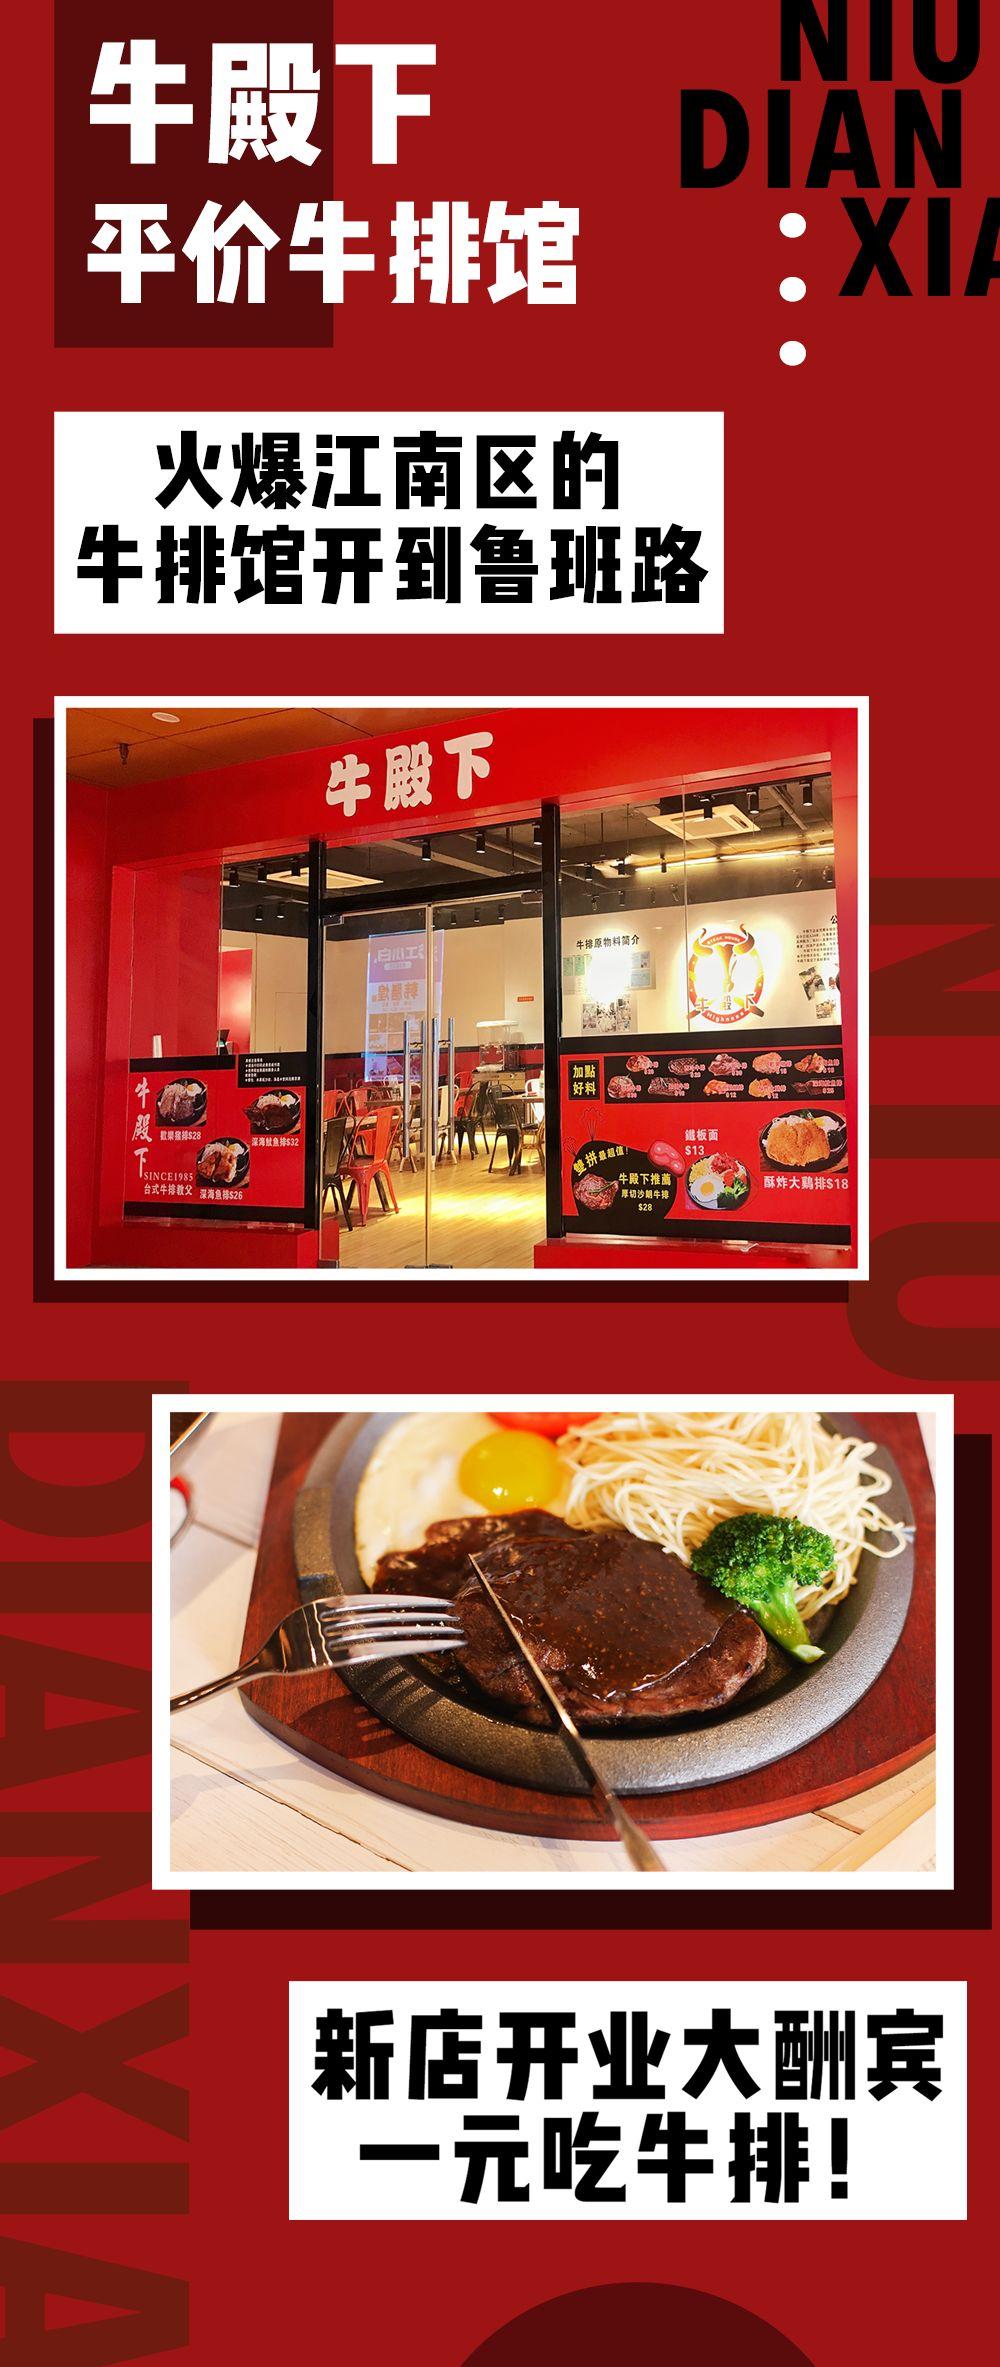 <b>【新店】开业期间一元吃牛排!这家店从江南火到西乡塘!</b>